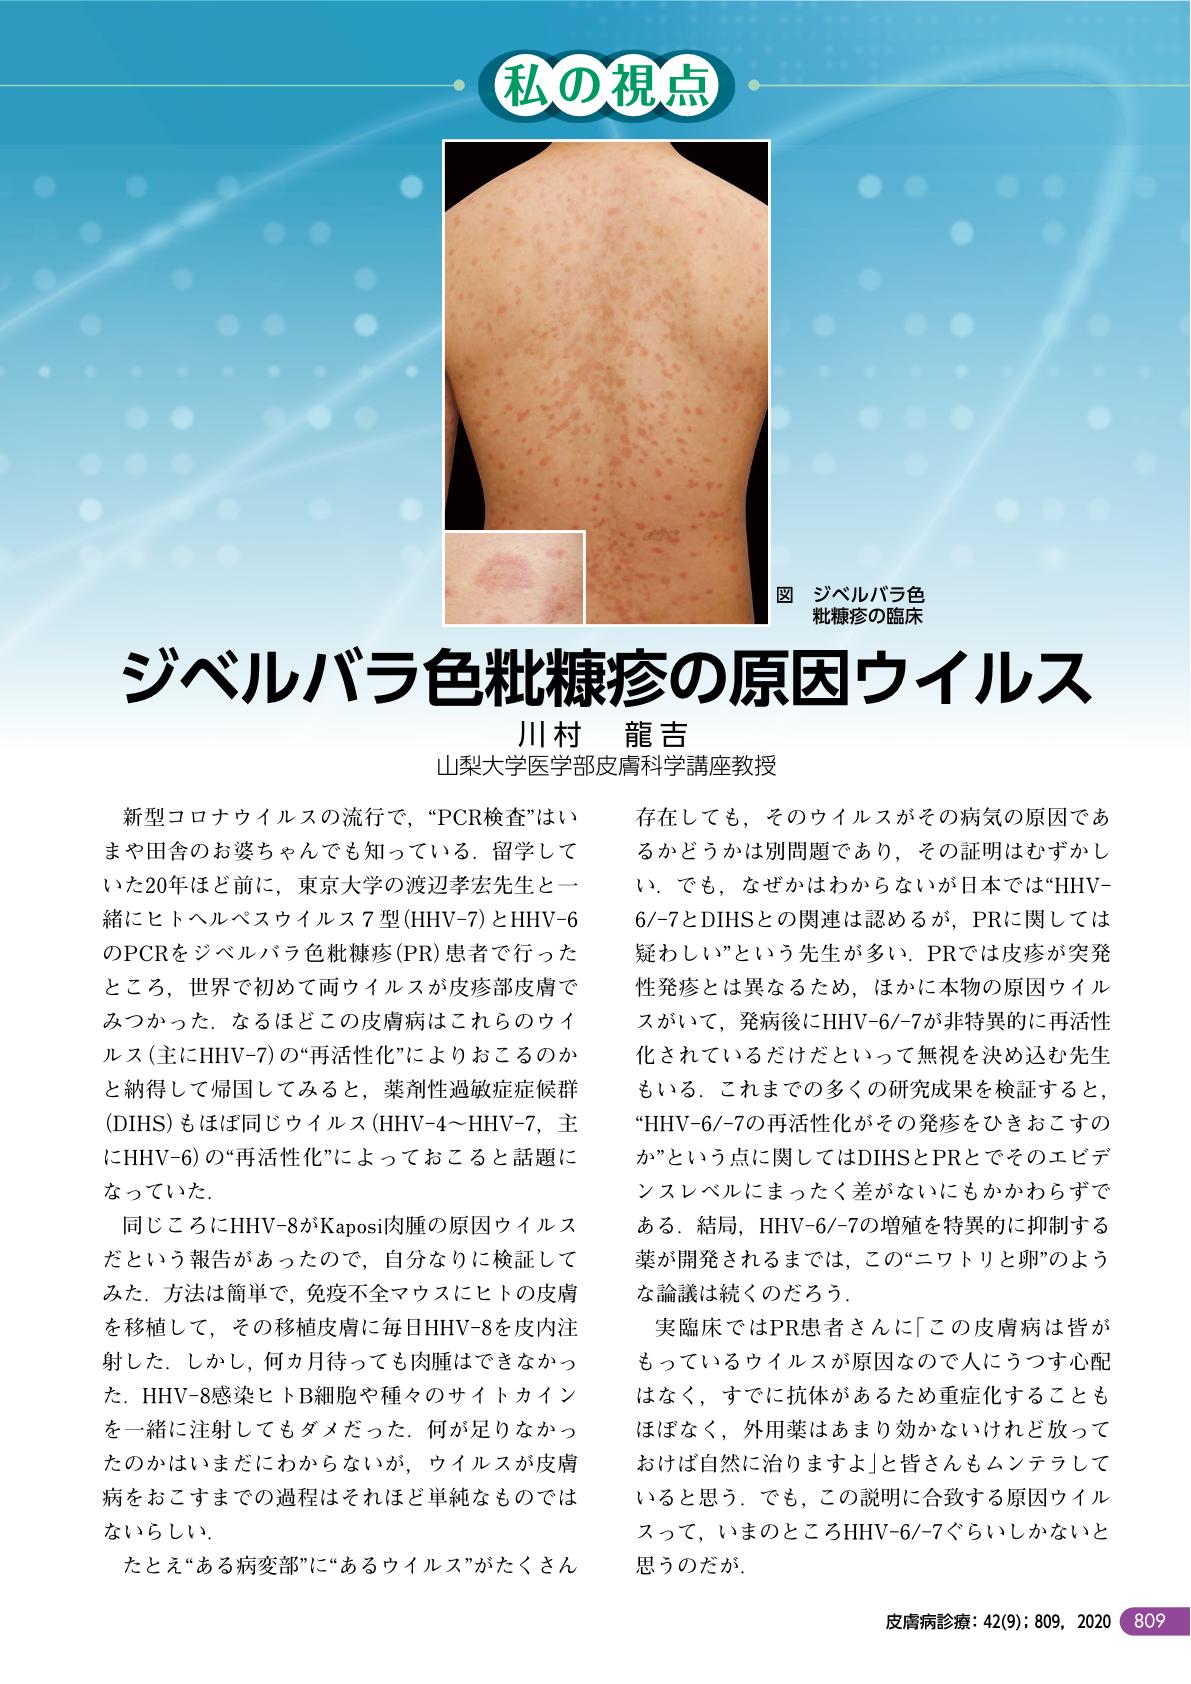 粃 糠 薔薇色 疹 ジベル ジベルバラ色粃糠疹、治りません。